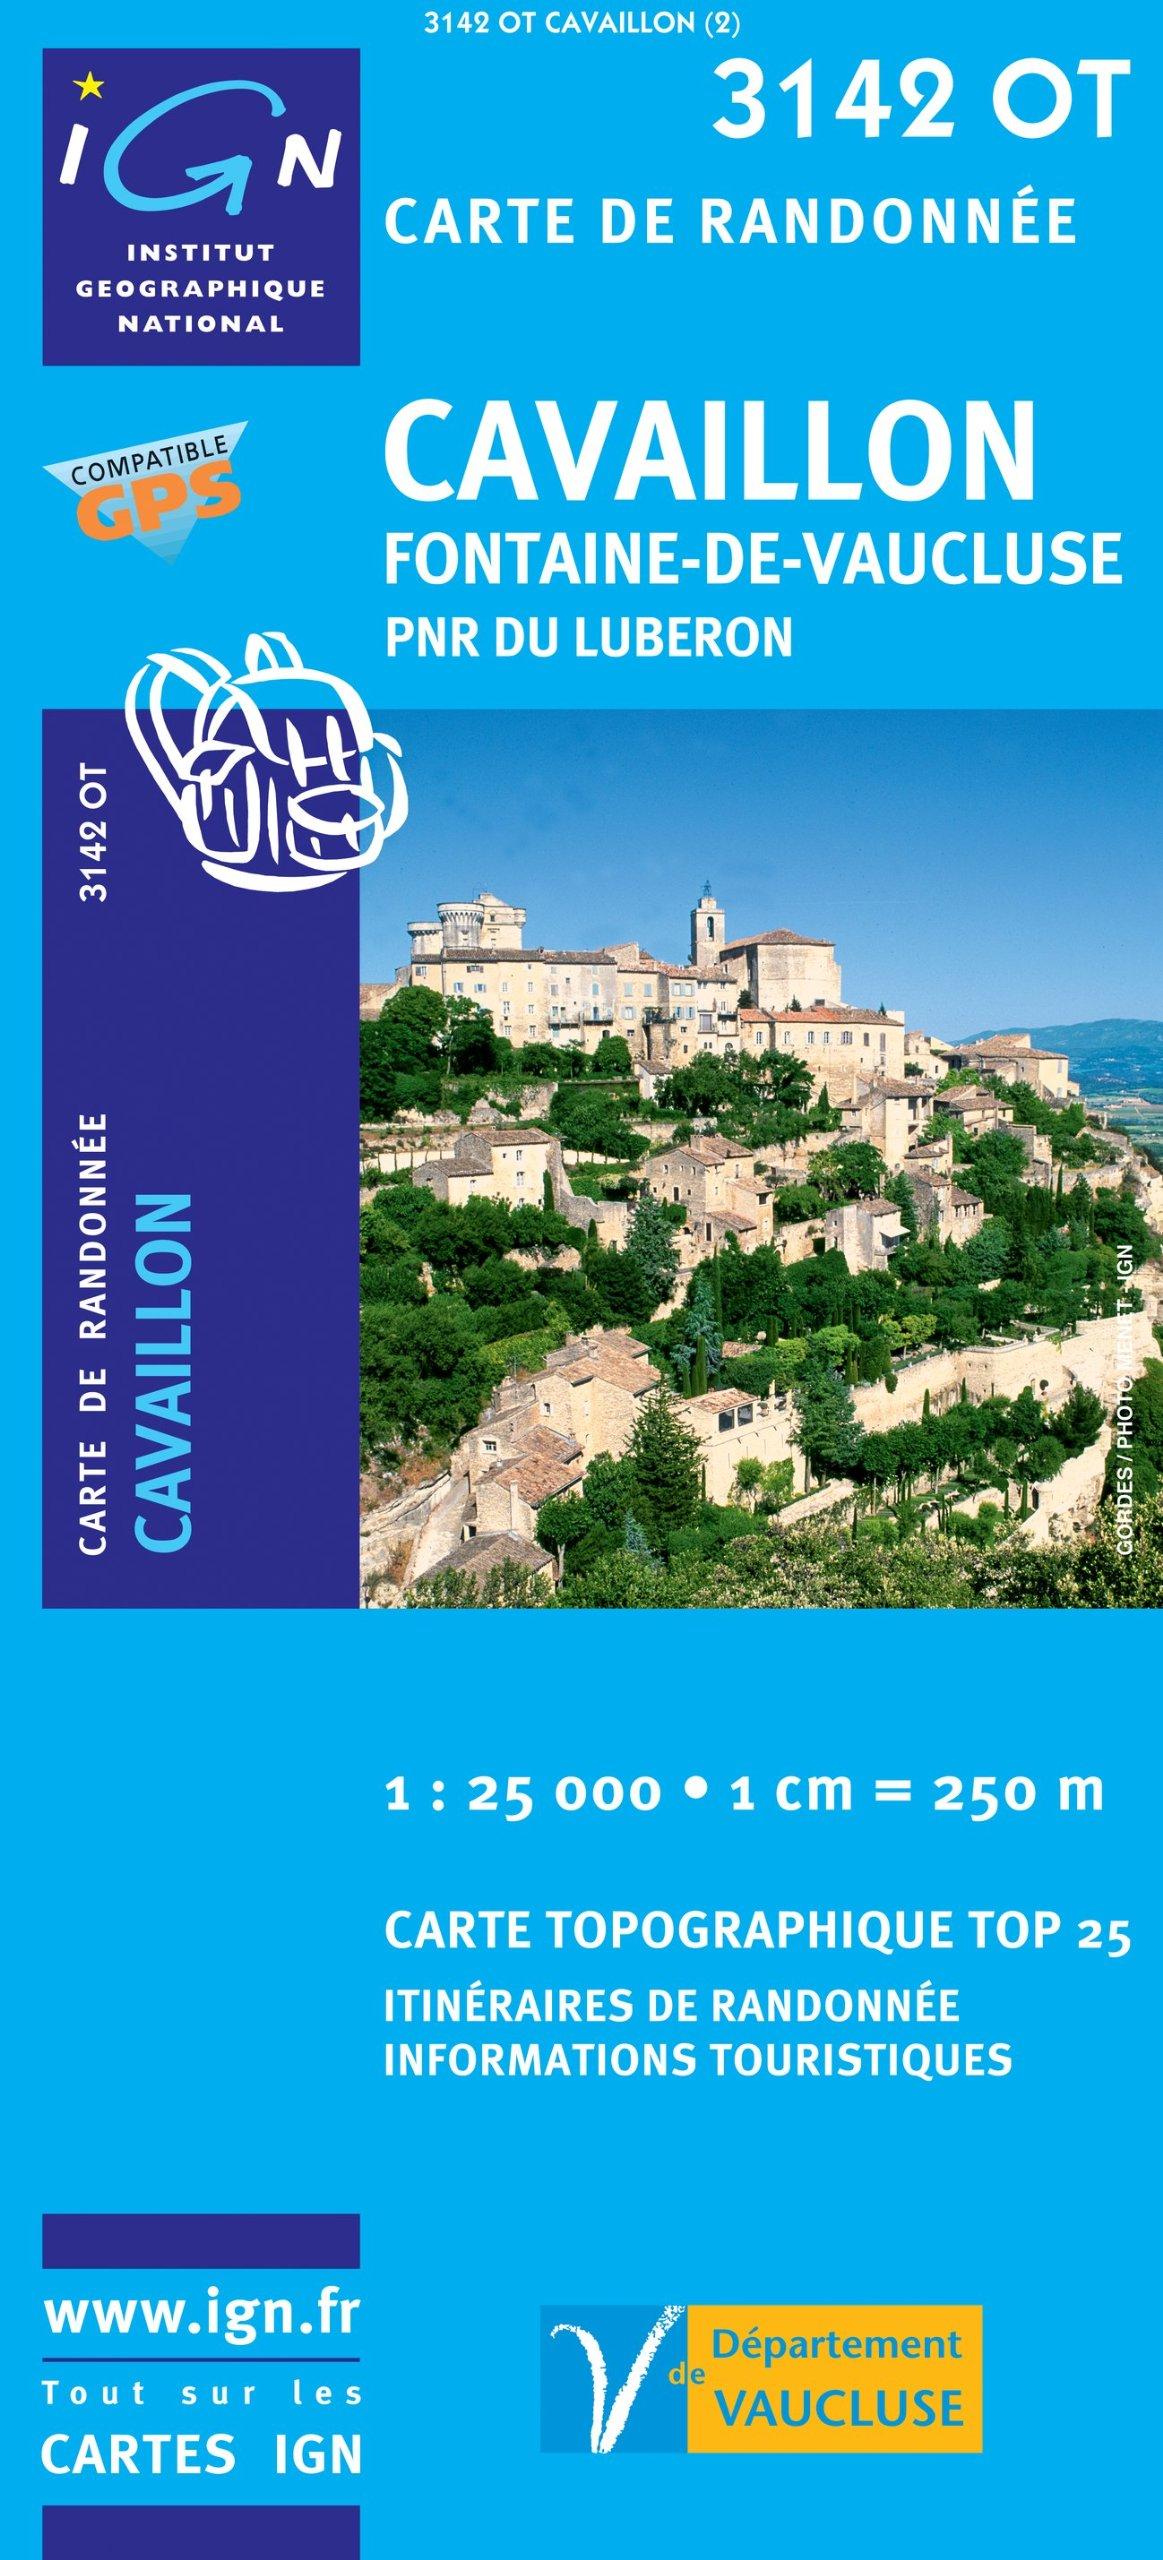 CavaillonFontainedeVauclusePNR Du Luberon GPS Ign3142ot